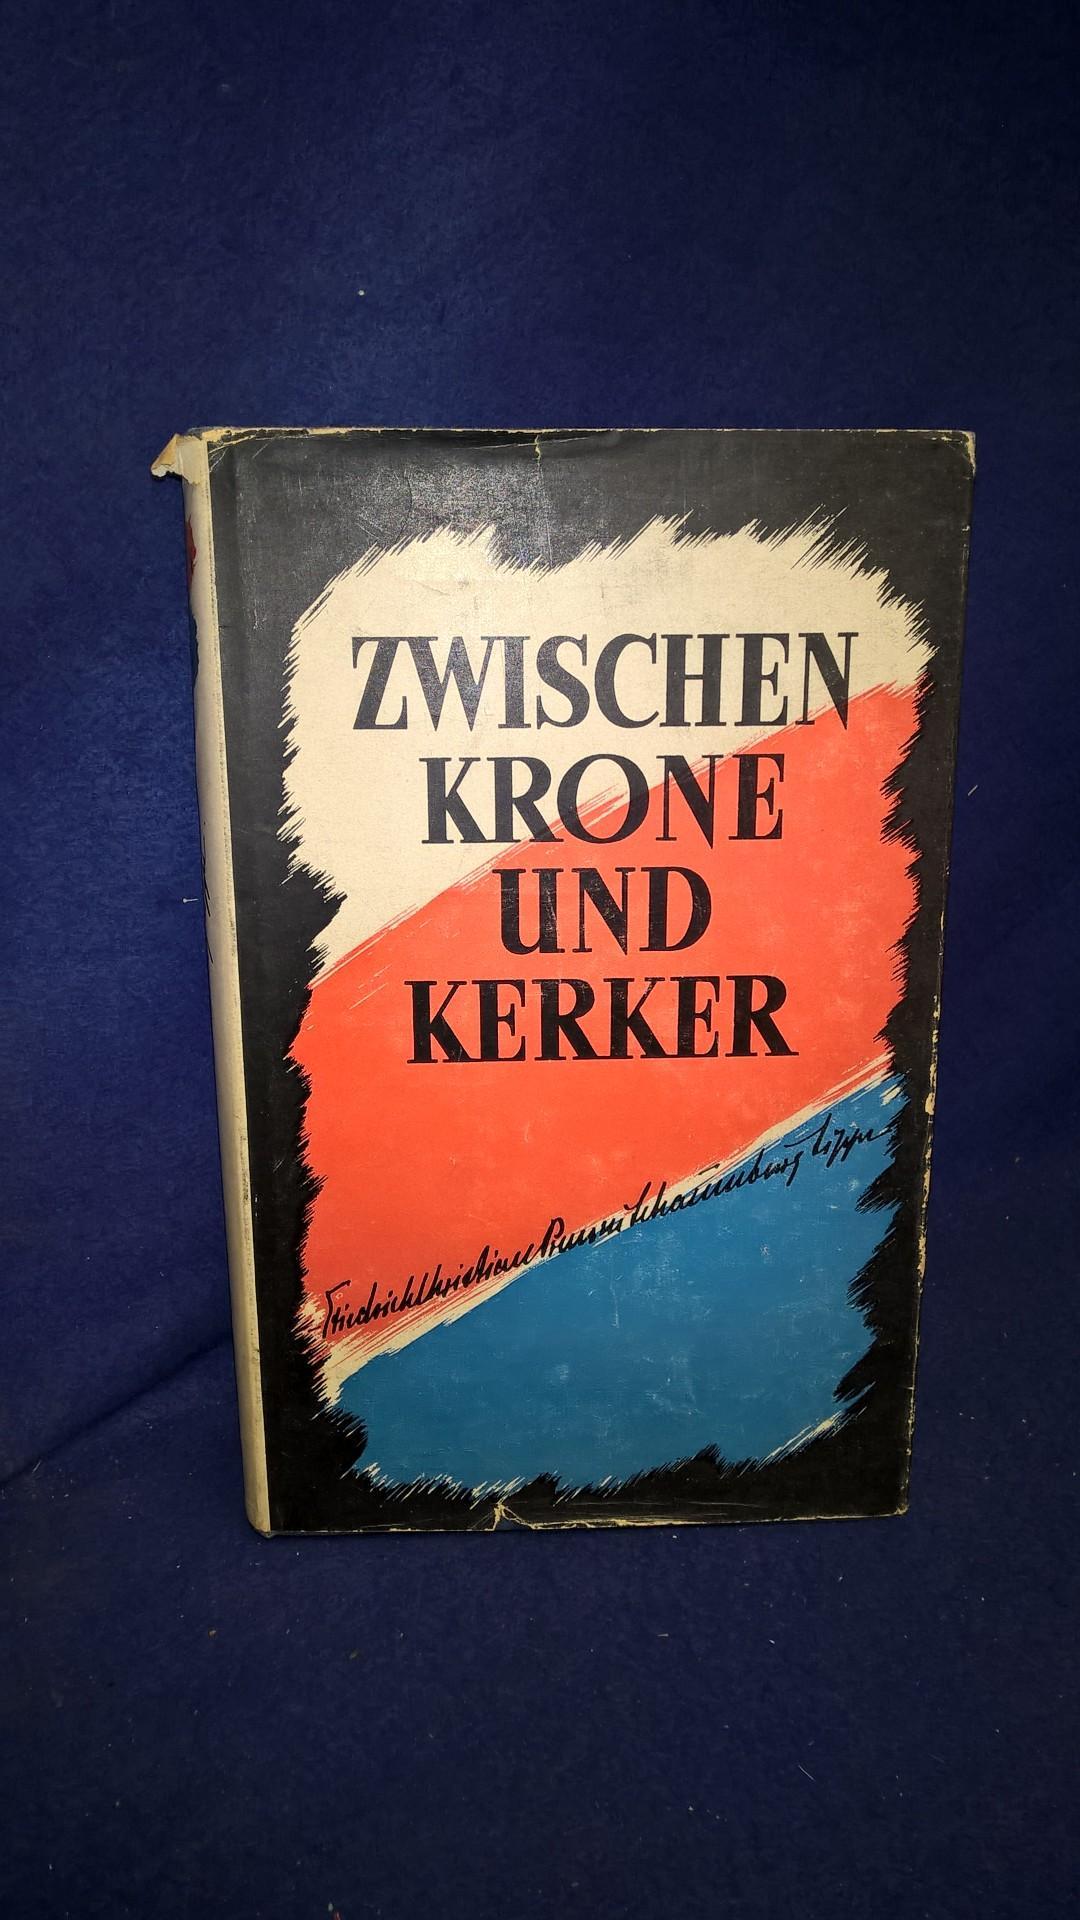 Friedrich Christian Prinz zu Schaumburg - Lippe. Zwischen Krone und Kerker.